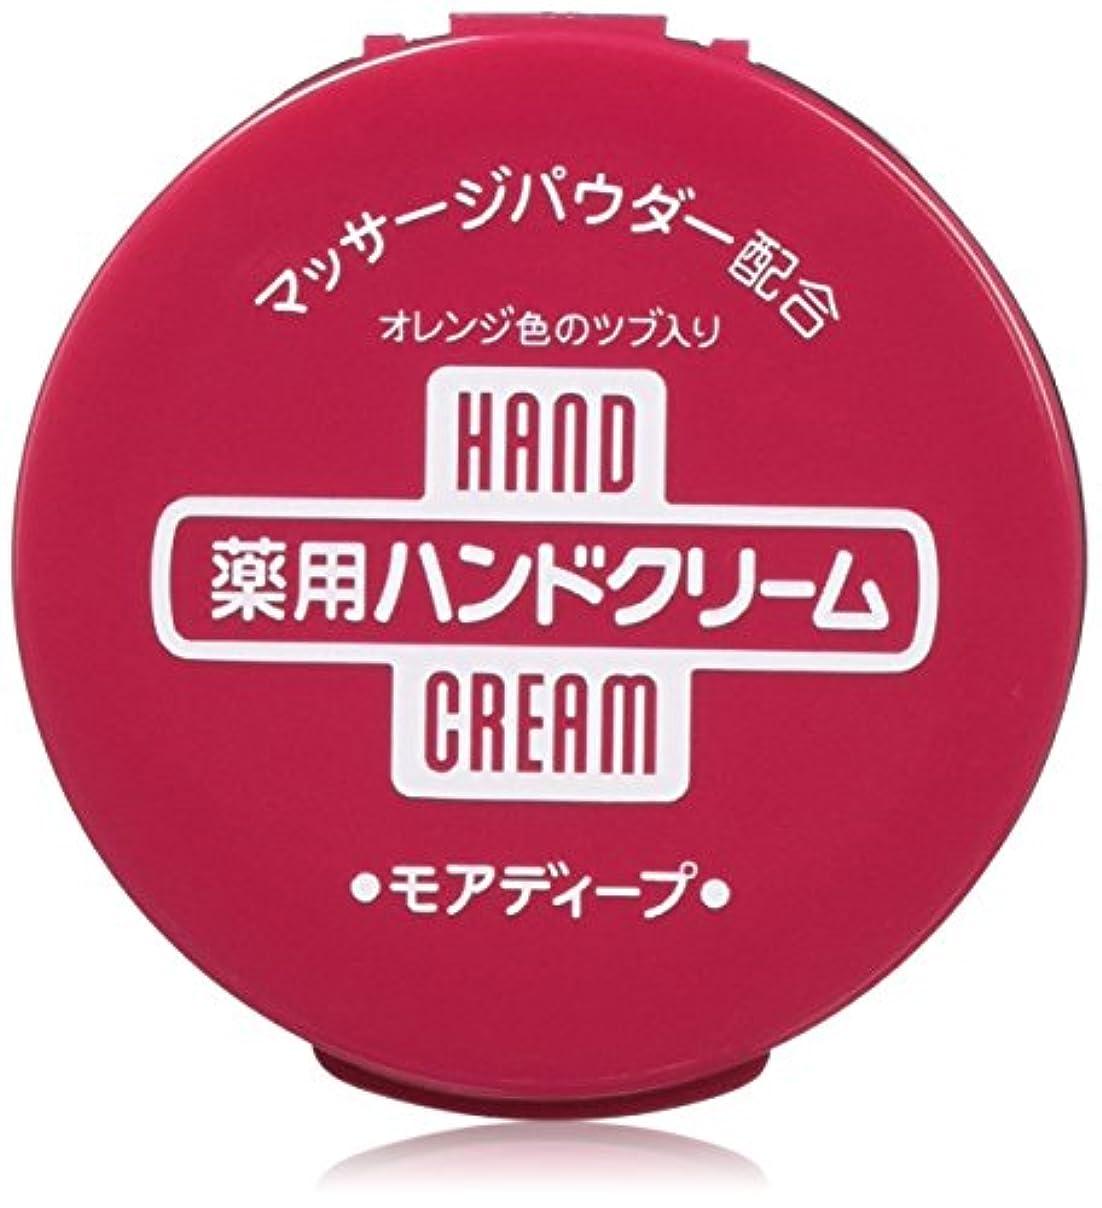 タック有効撤退【まとめ買い】薬用ハンドクリーム モアディープ 100g×12個